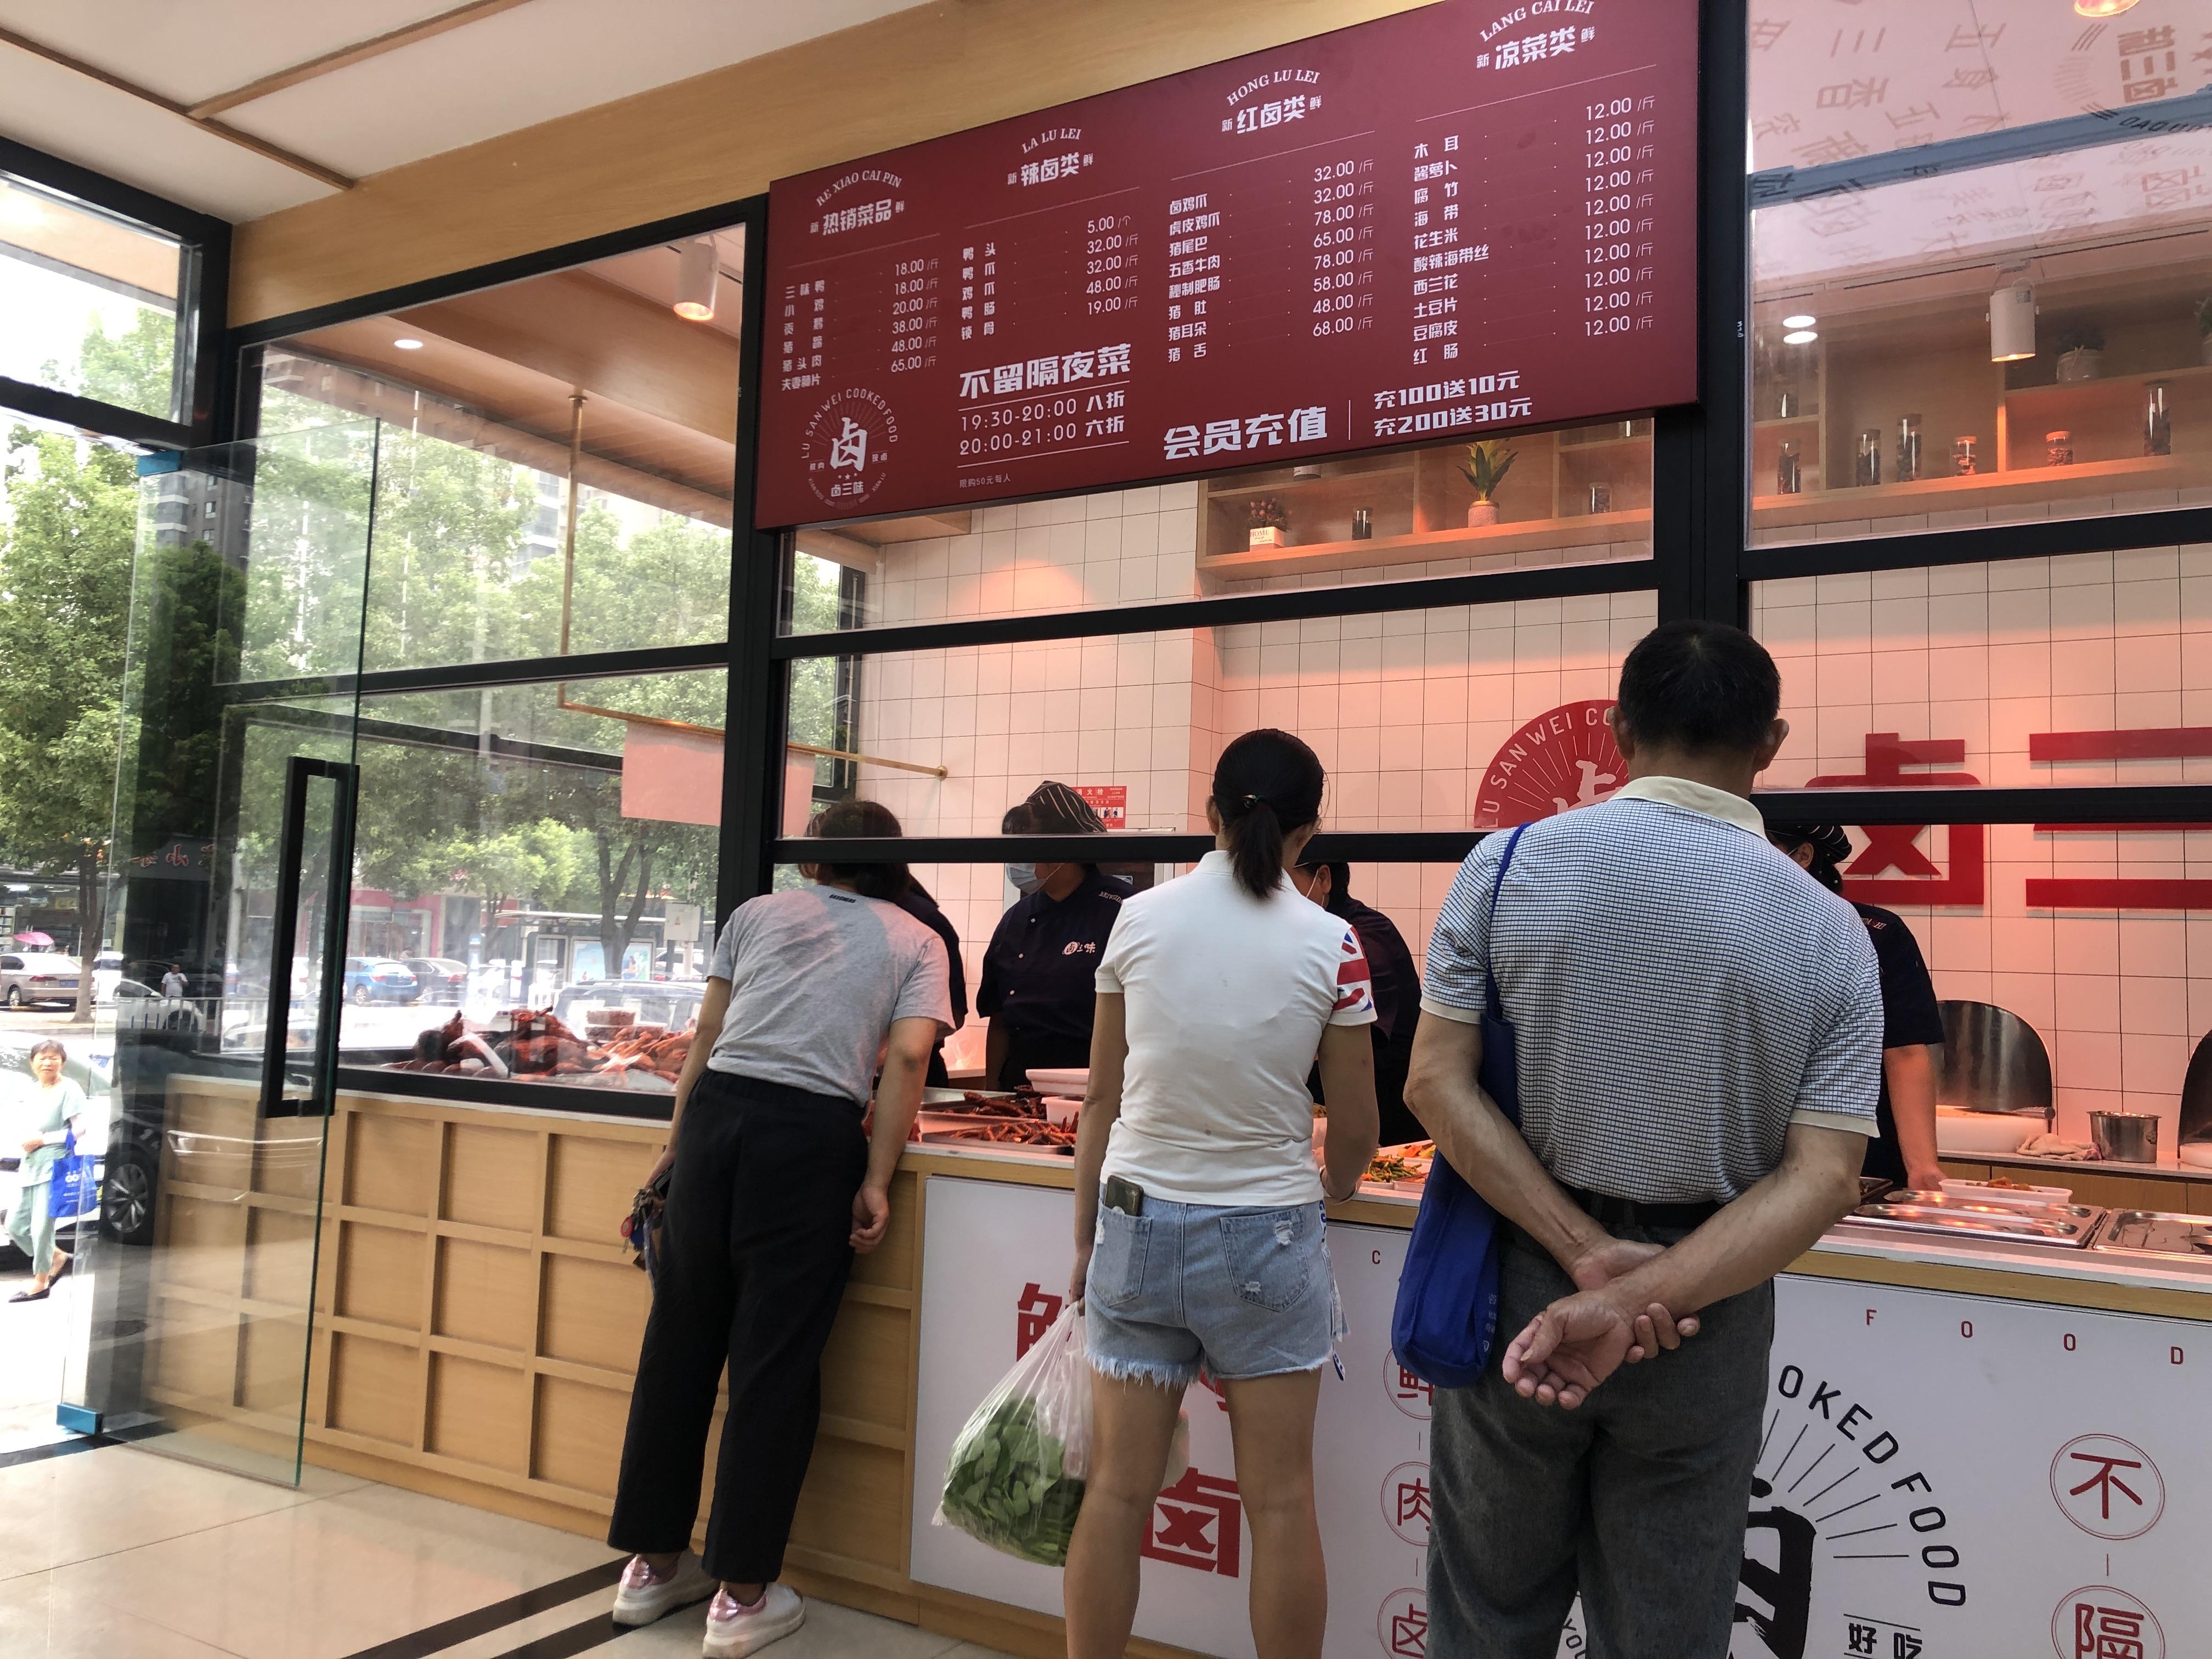 国庆后,开卤菜店市场前景怎样?资深老师傅从这三点剖析卤菜利润